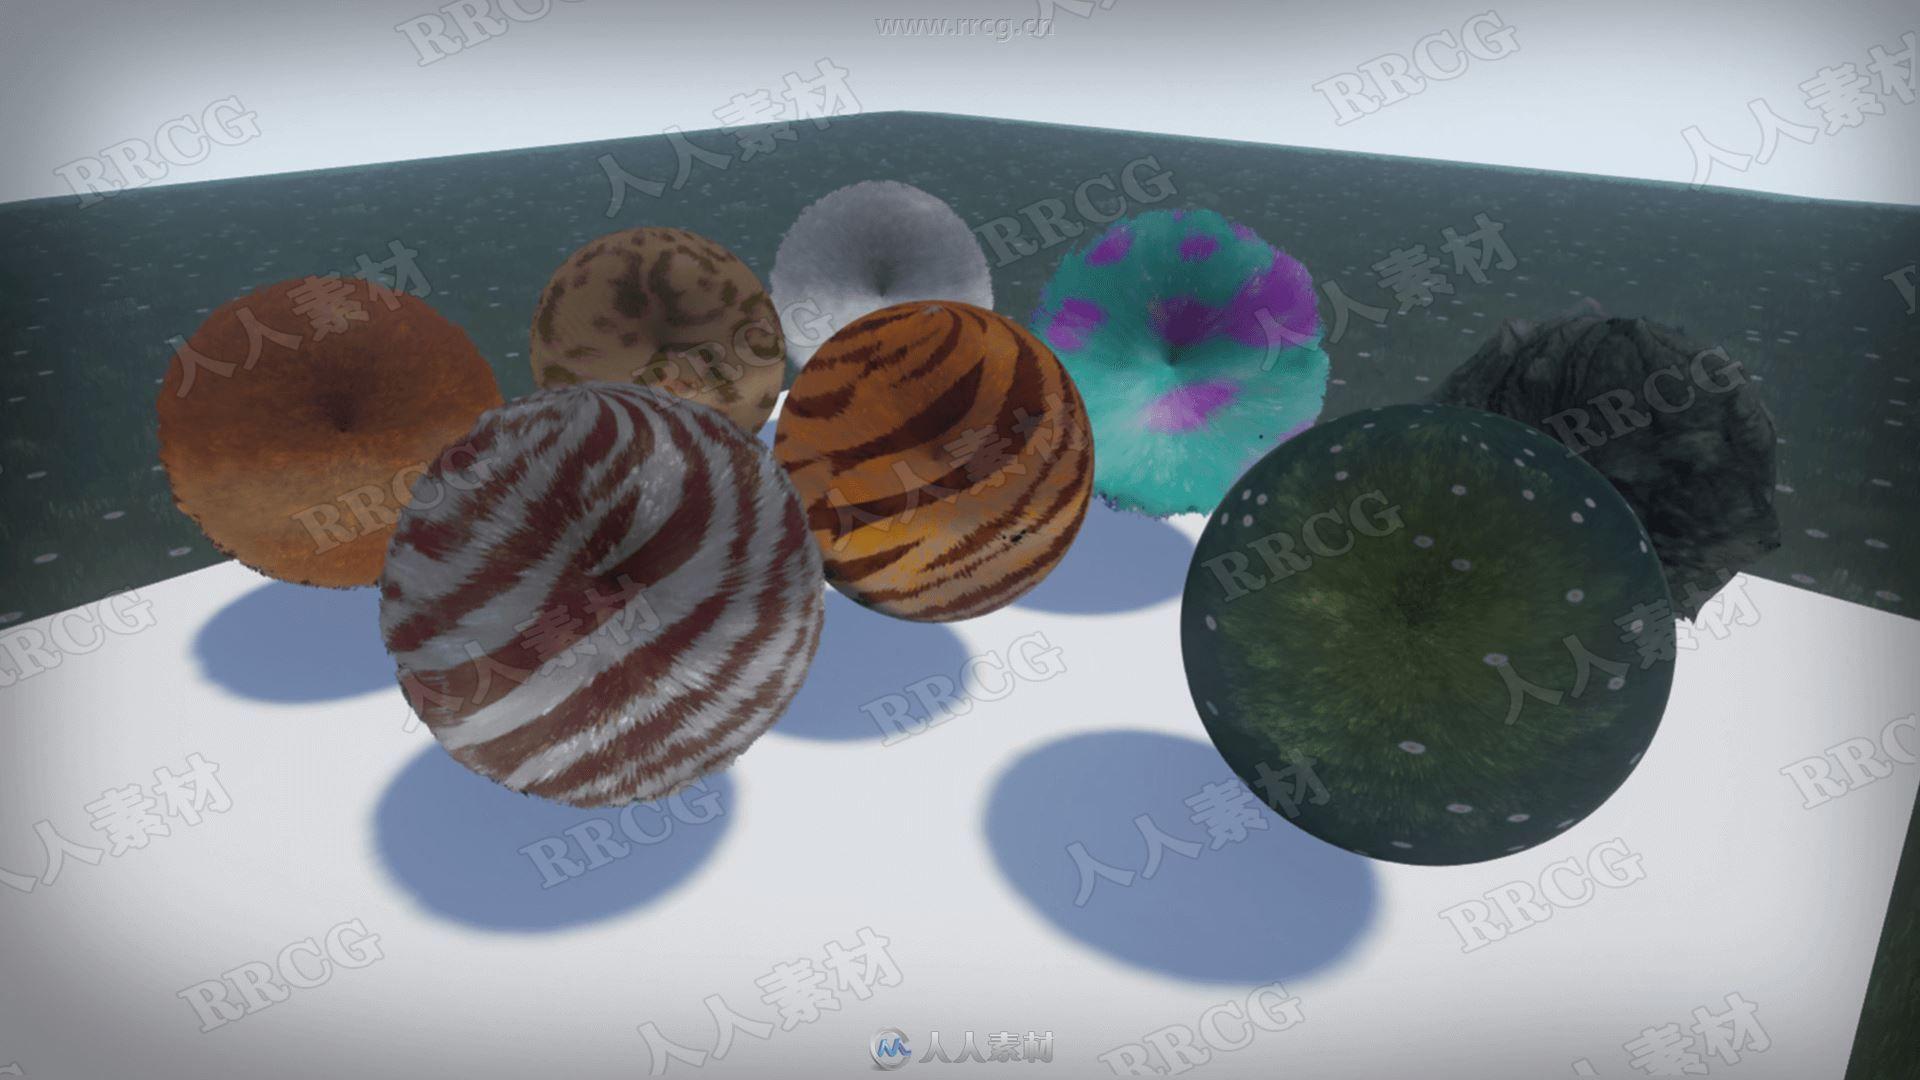 高清保真皮草毛发着色器UE4游戏素材资源